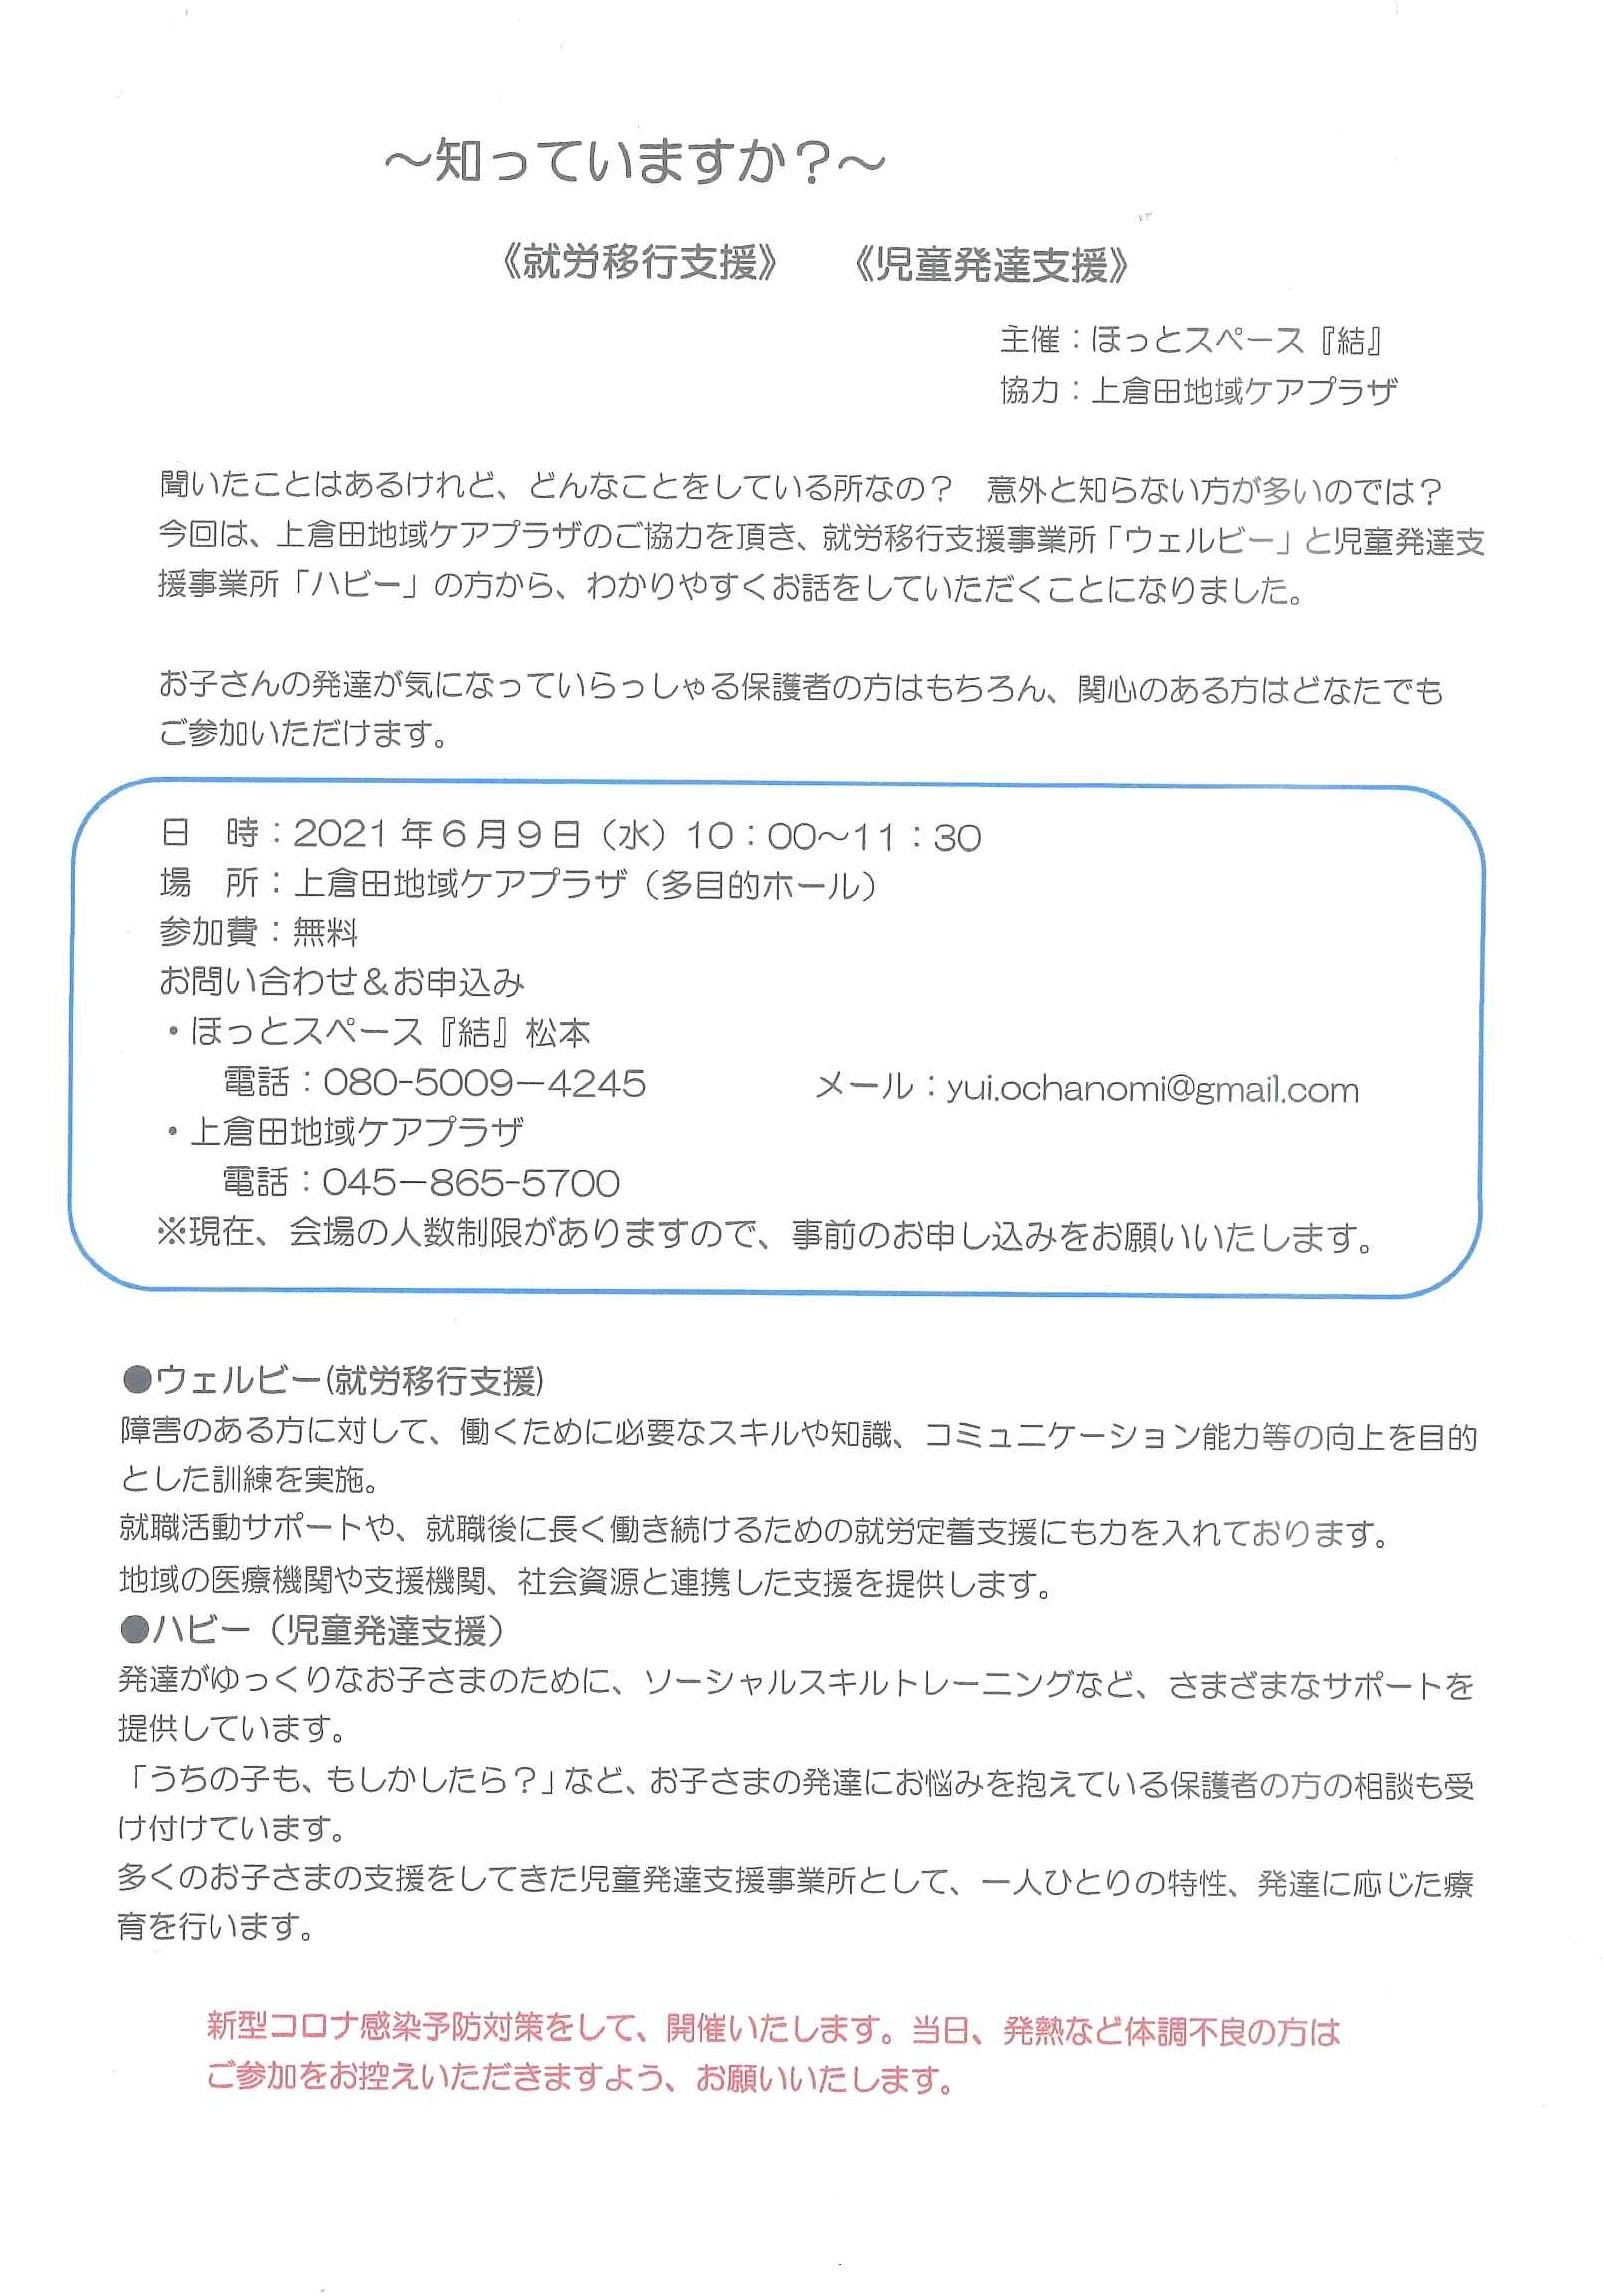 戸塚駅前センターチラシスキャンデータ